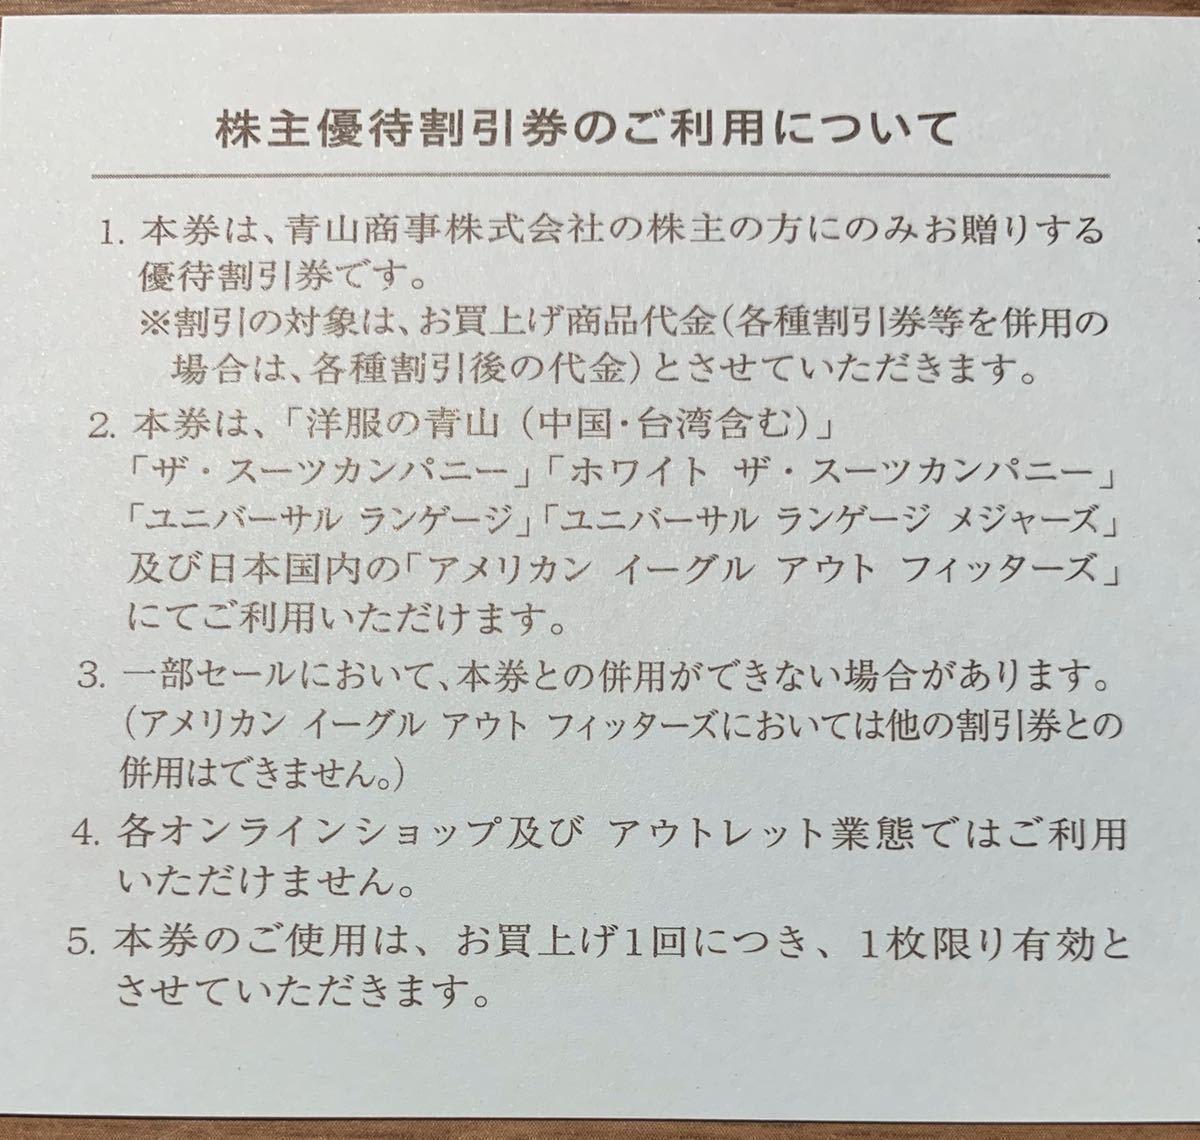 洋服の青山(青山商事) 株主優待割引券 15%OFF 1-4枚 有効期限:2020年12月31日_画像2